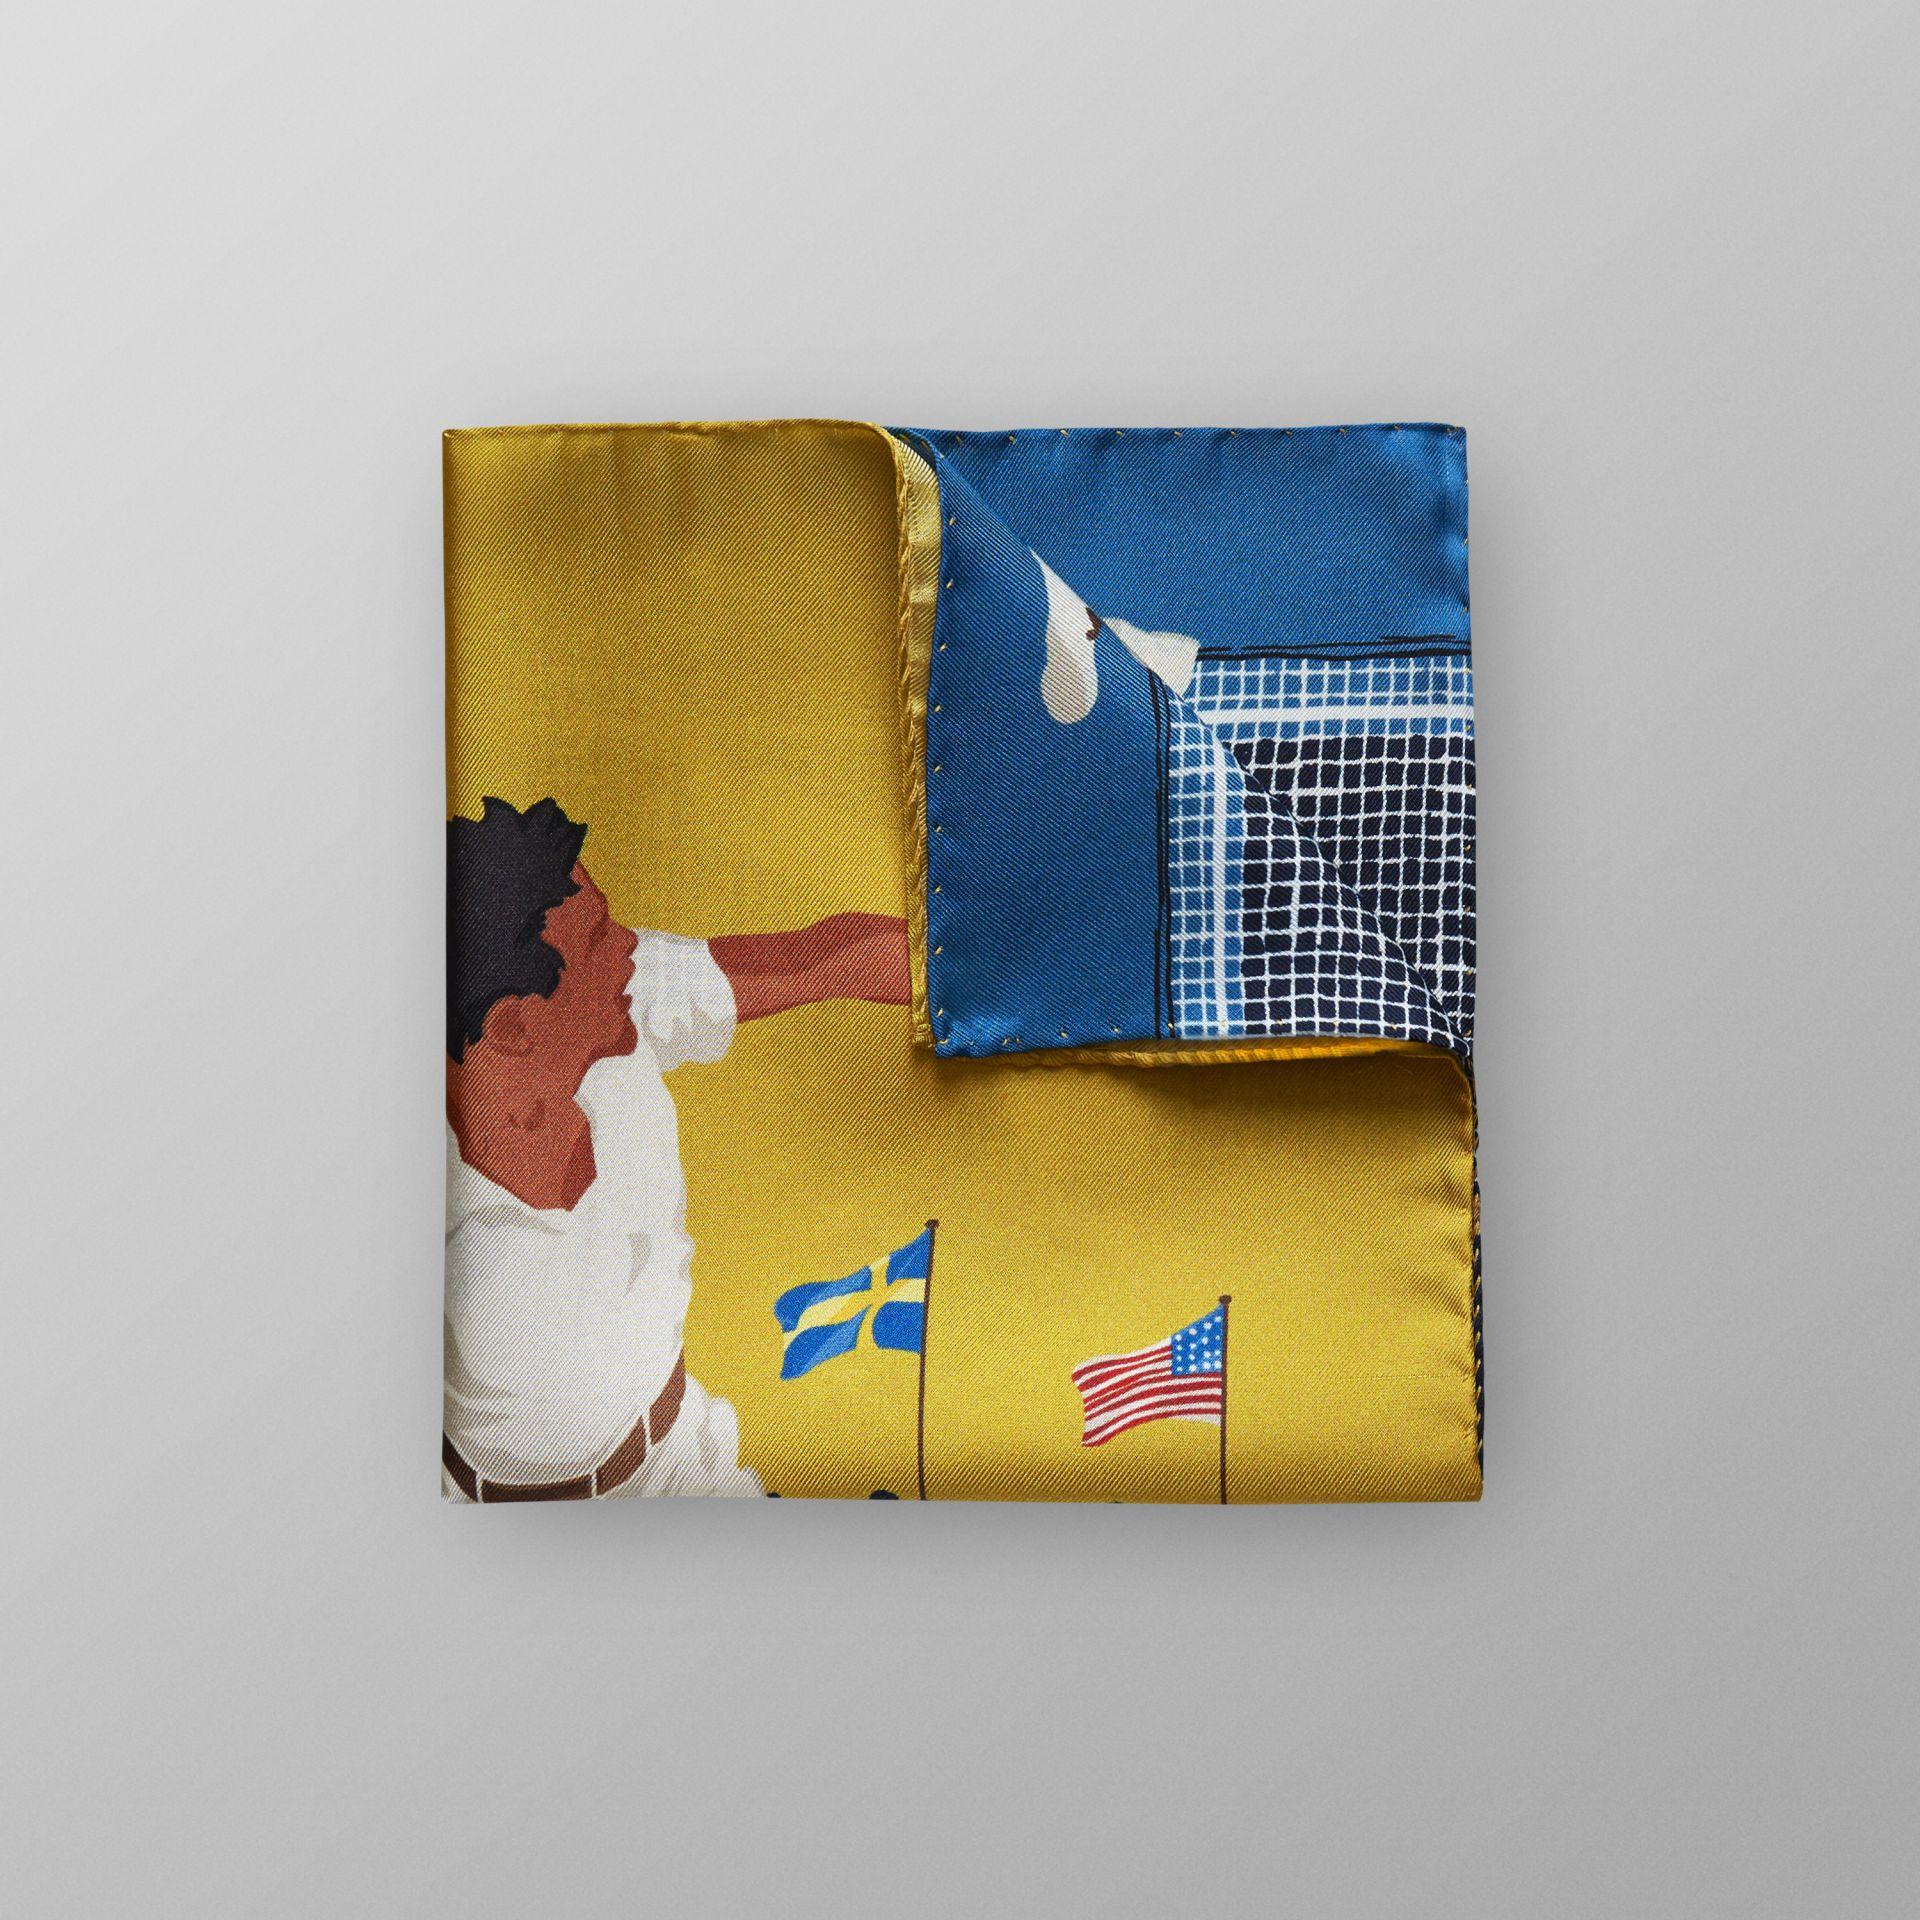 ETON  Yellow Tennis Game Pocket Square  $40